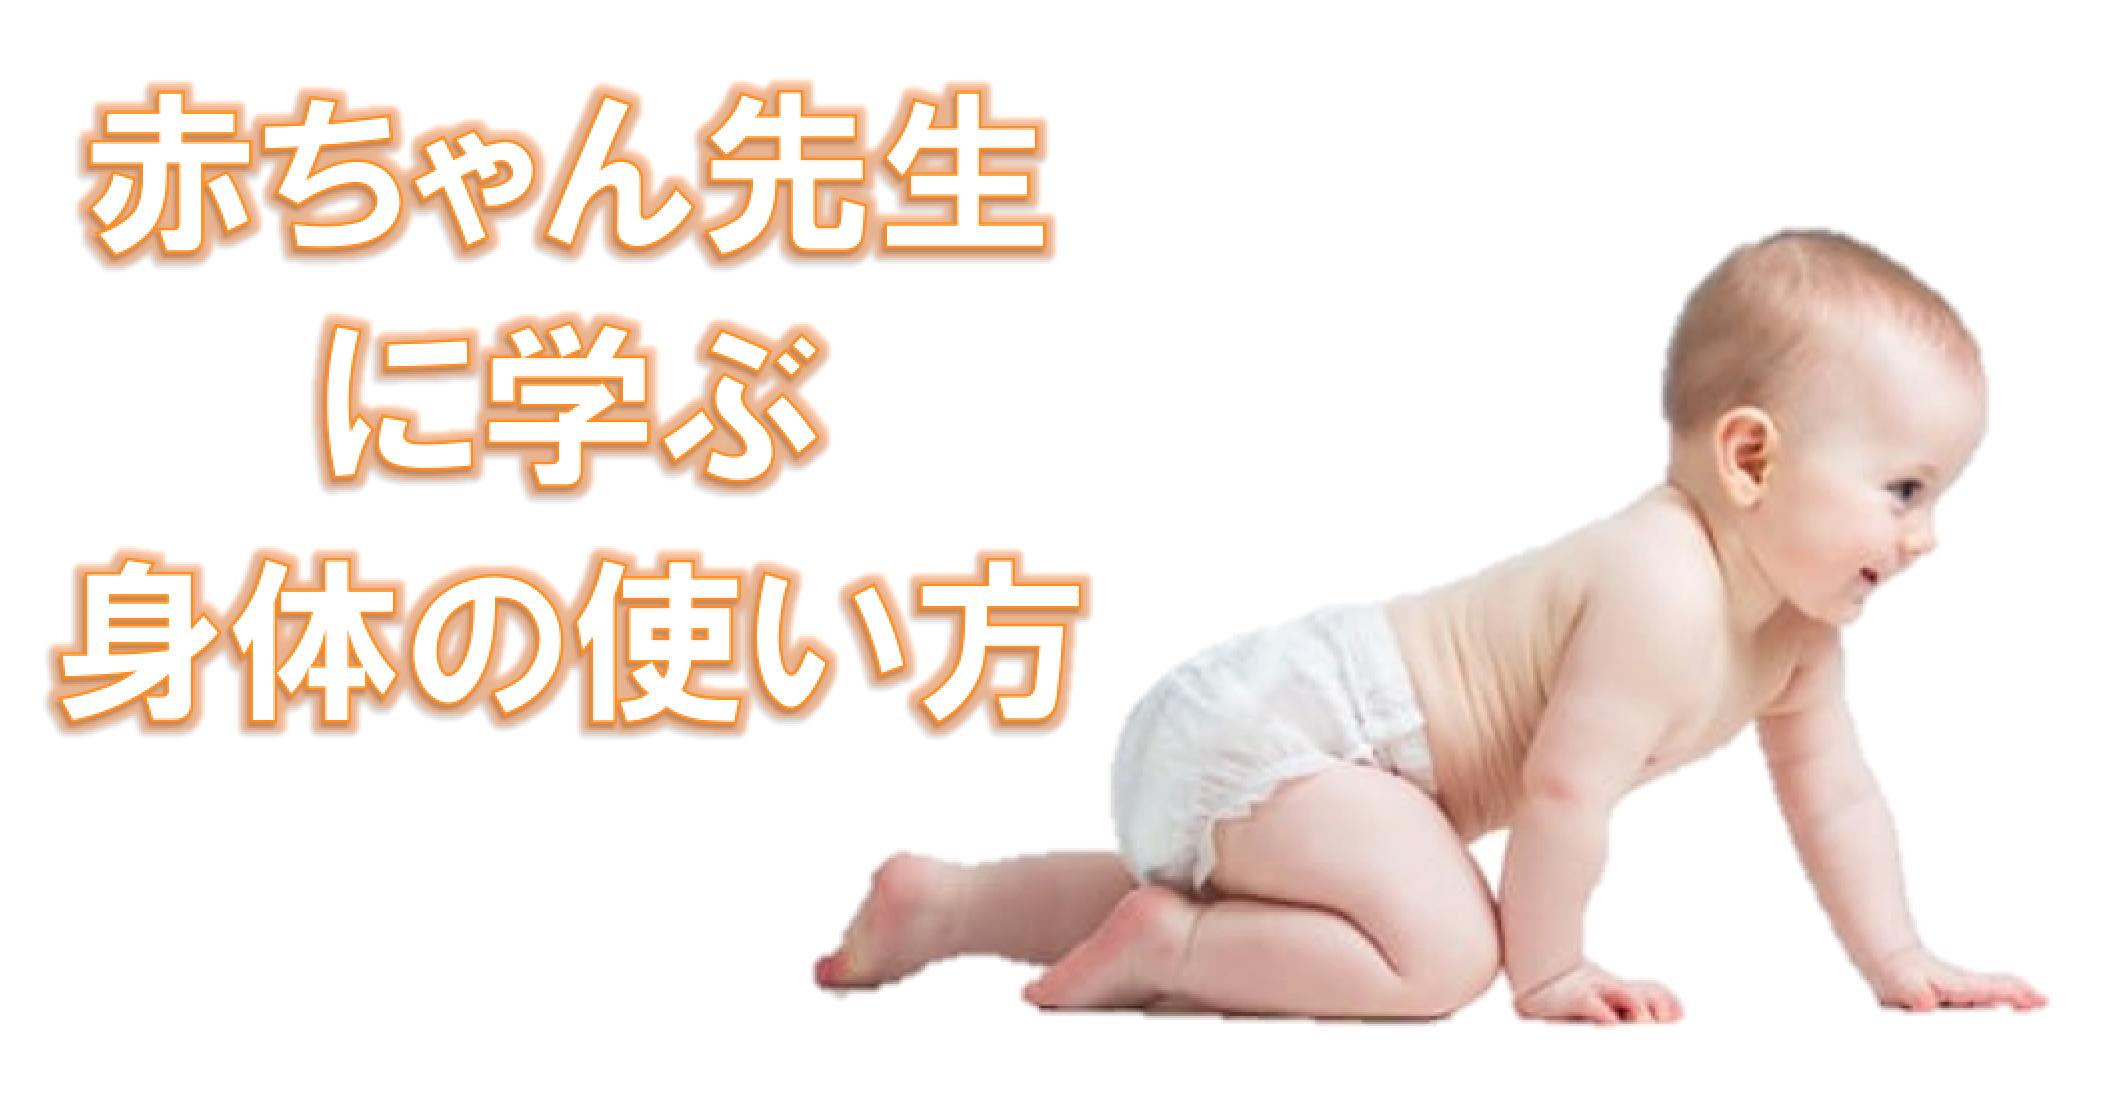 赤ちゃん先生に学ぶ身体の使い方。